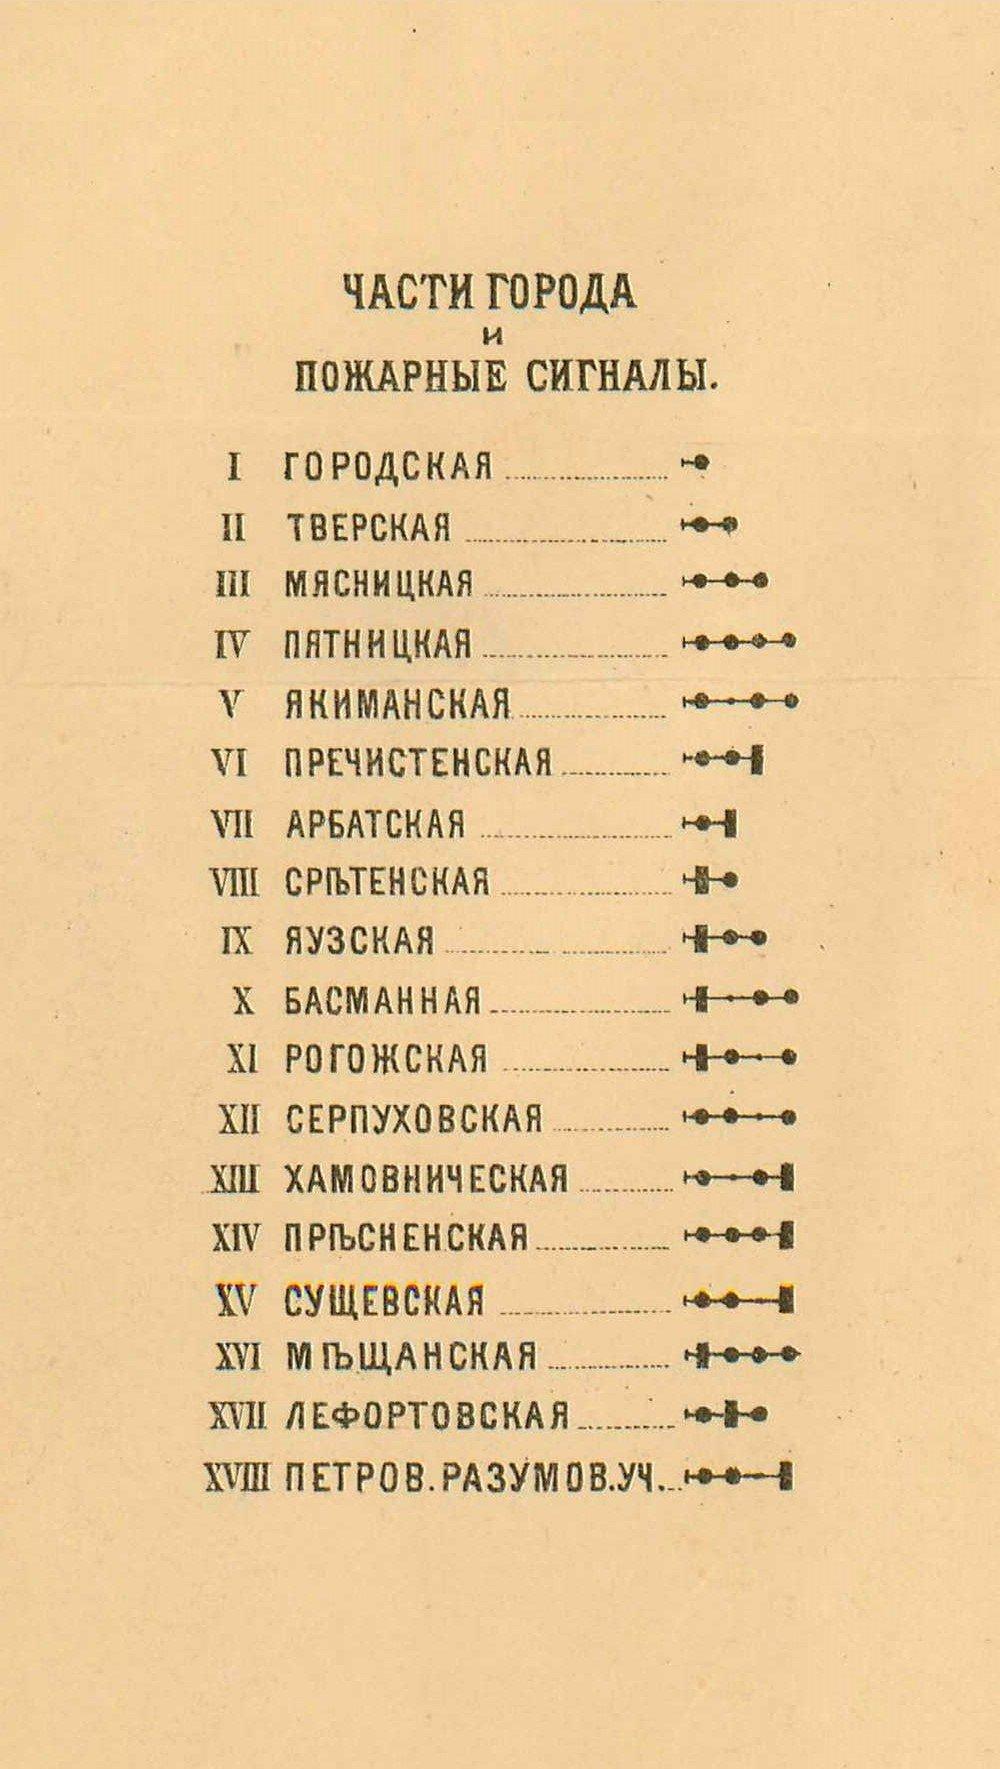 Список частей города Москвы с указанием соответствующих пожарных сигналов для оповещения. Вторая половина XIX века. Главархив Москвы